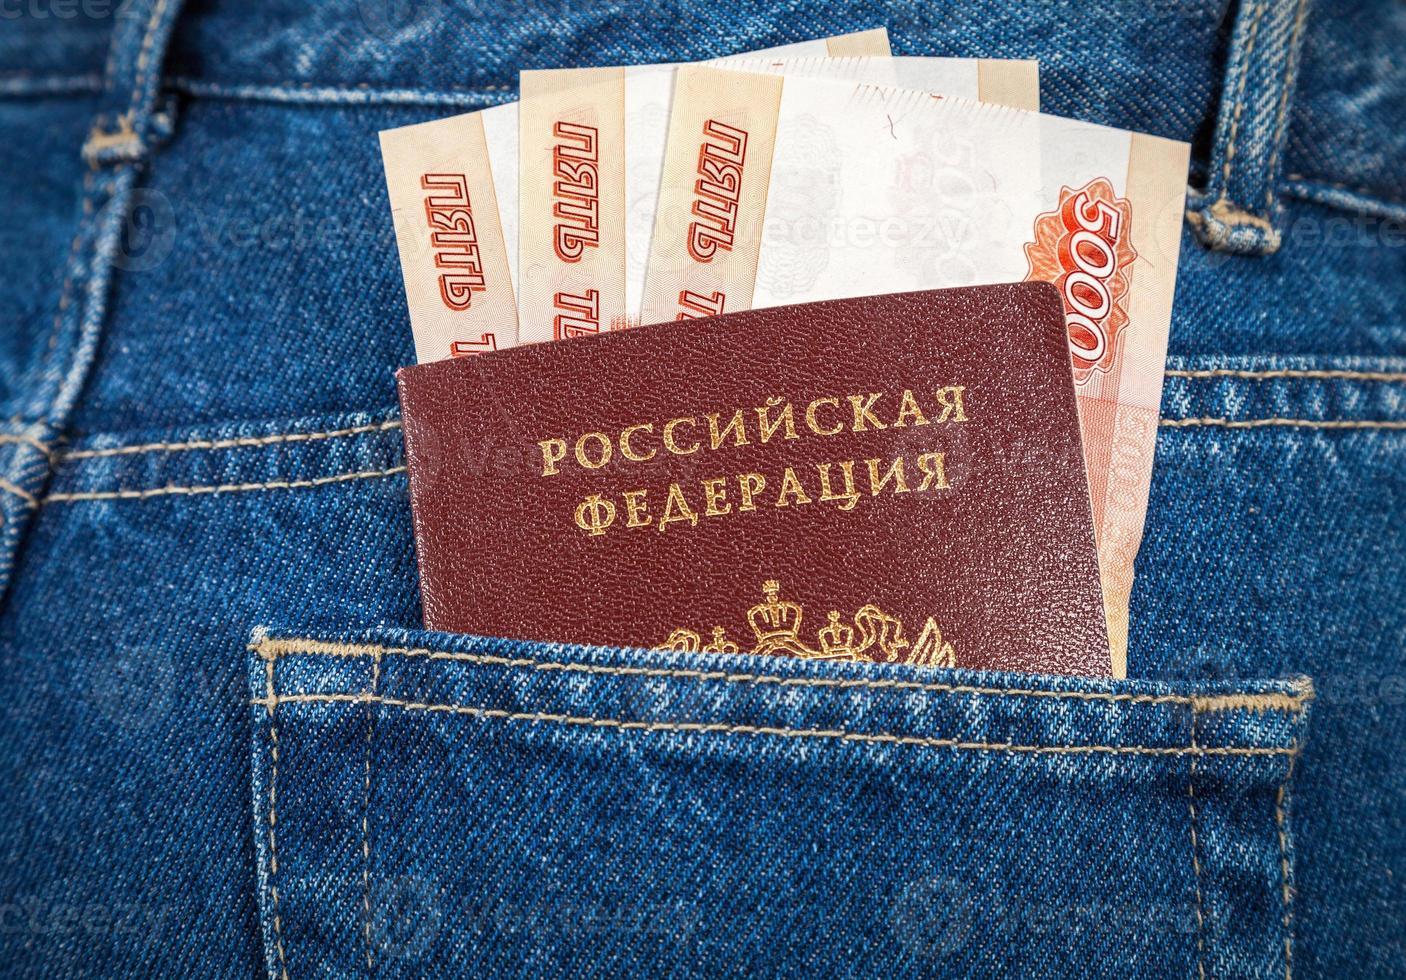 bollette rublo russo e passaporto nella tasca posteriore dei jeans foto